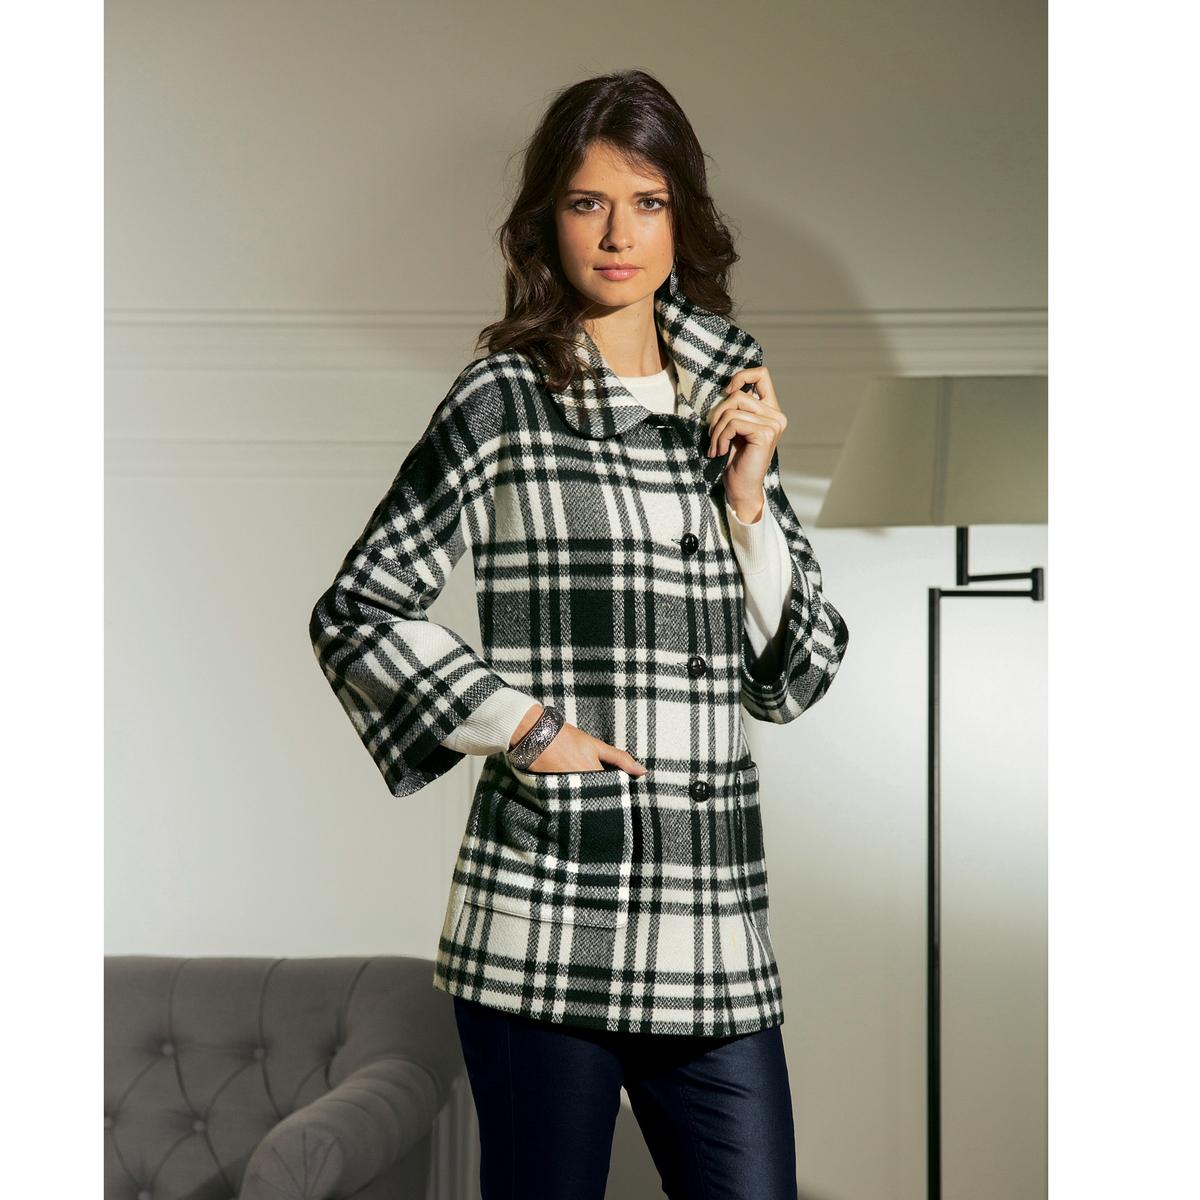 Пальто короткоеКороткое изысканное и модное пальто, идеально смотрится поверх маленького черного платья, добавляет элегантности в наряд с джинсами. Рубашечный воротник. 2 накладных кармана с прорезями с имитацией под кожу. Рукава 7/8. Драп: 35% шерсти, 55% полиэстера, 10% других волокон.Подкладка из полиэстера. Длина ок. 73 см.<br><br>Цвет: в клетку белый/черный<br>Размер: 52 (FR) - 58 (RUS)